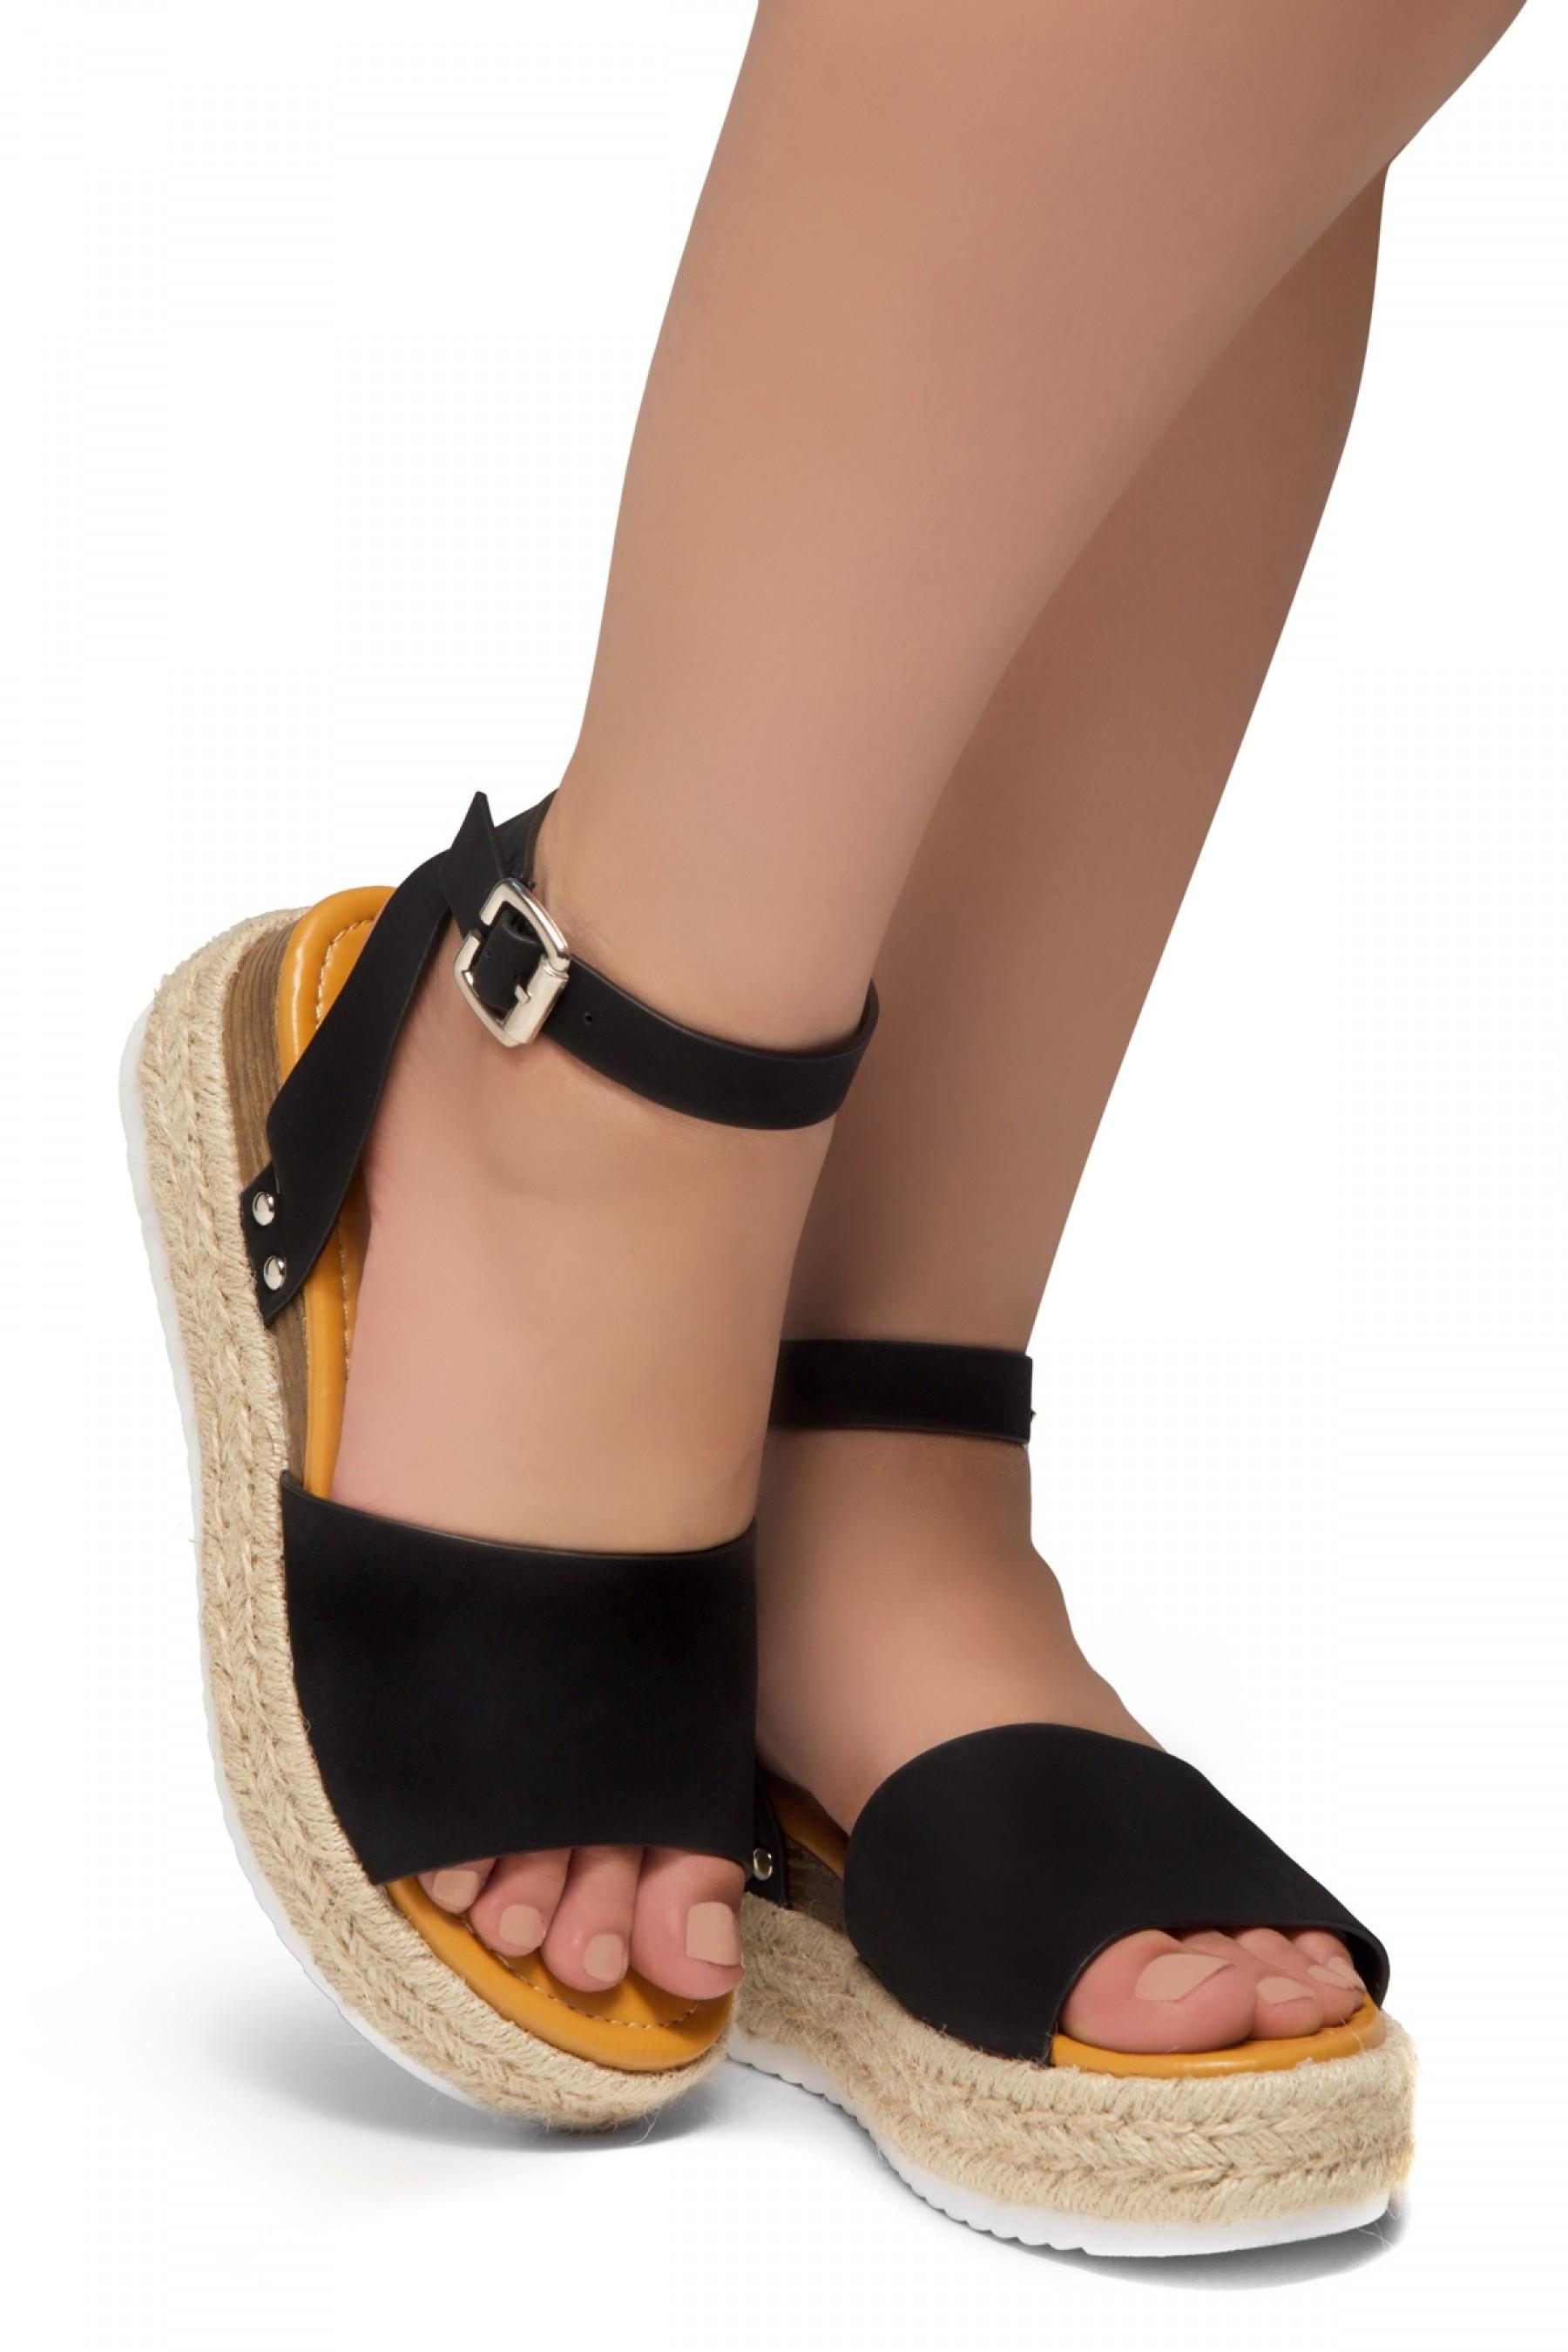 452ffeb0ff482 Shoe Land Legossa-Women's Open Toe Ankle Strap Platform Wedge ...